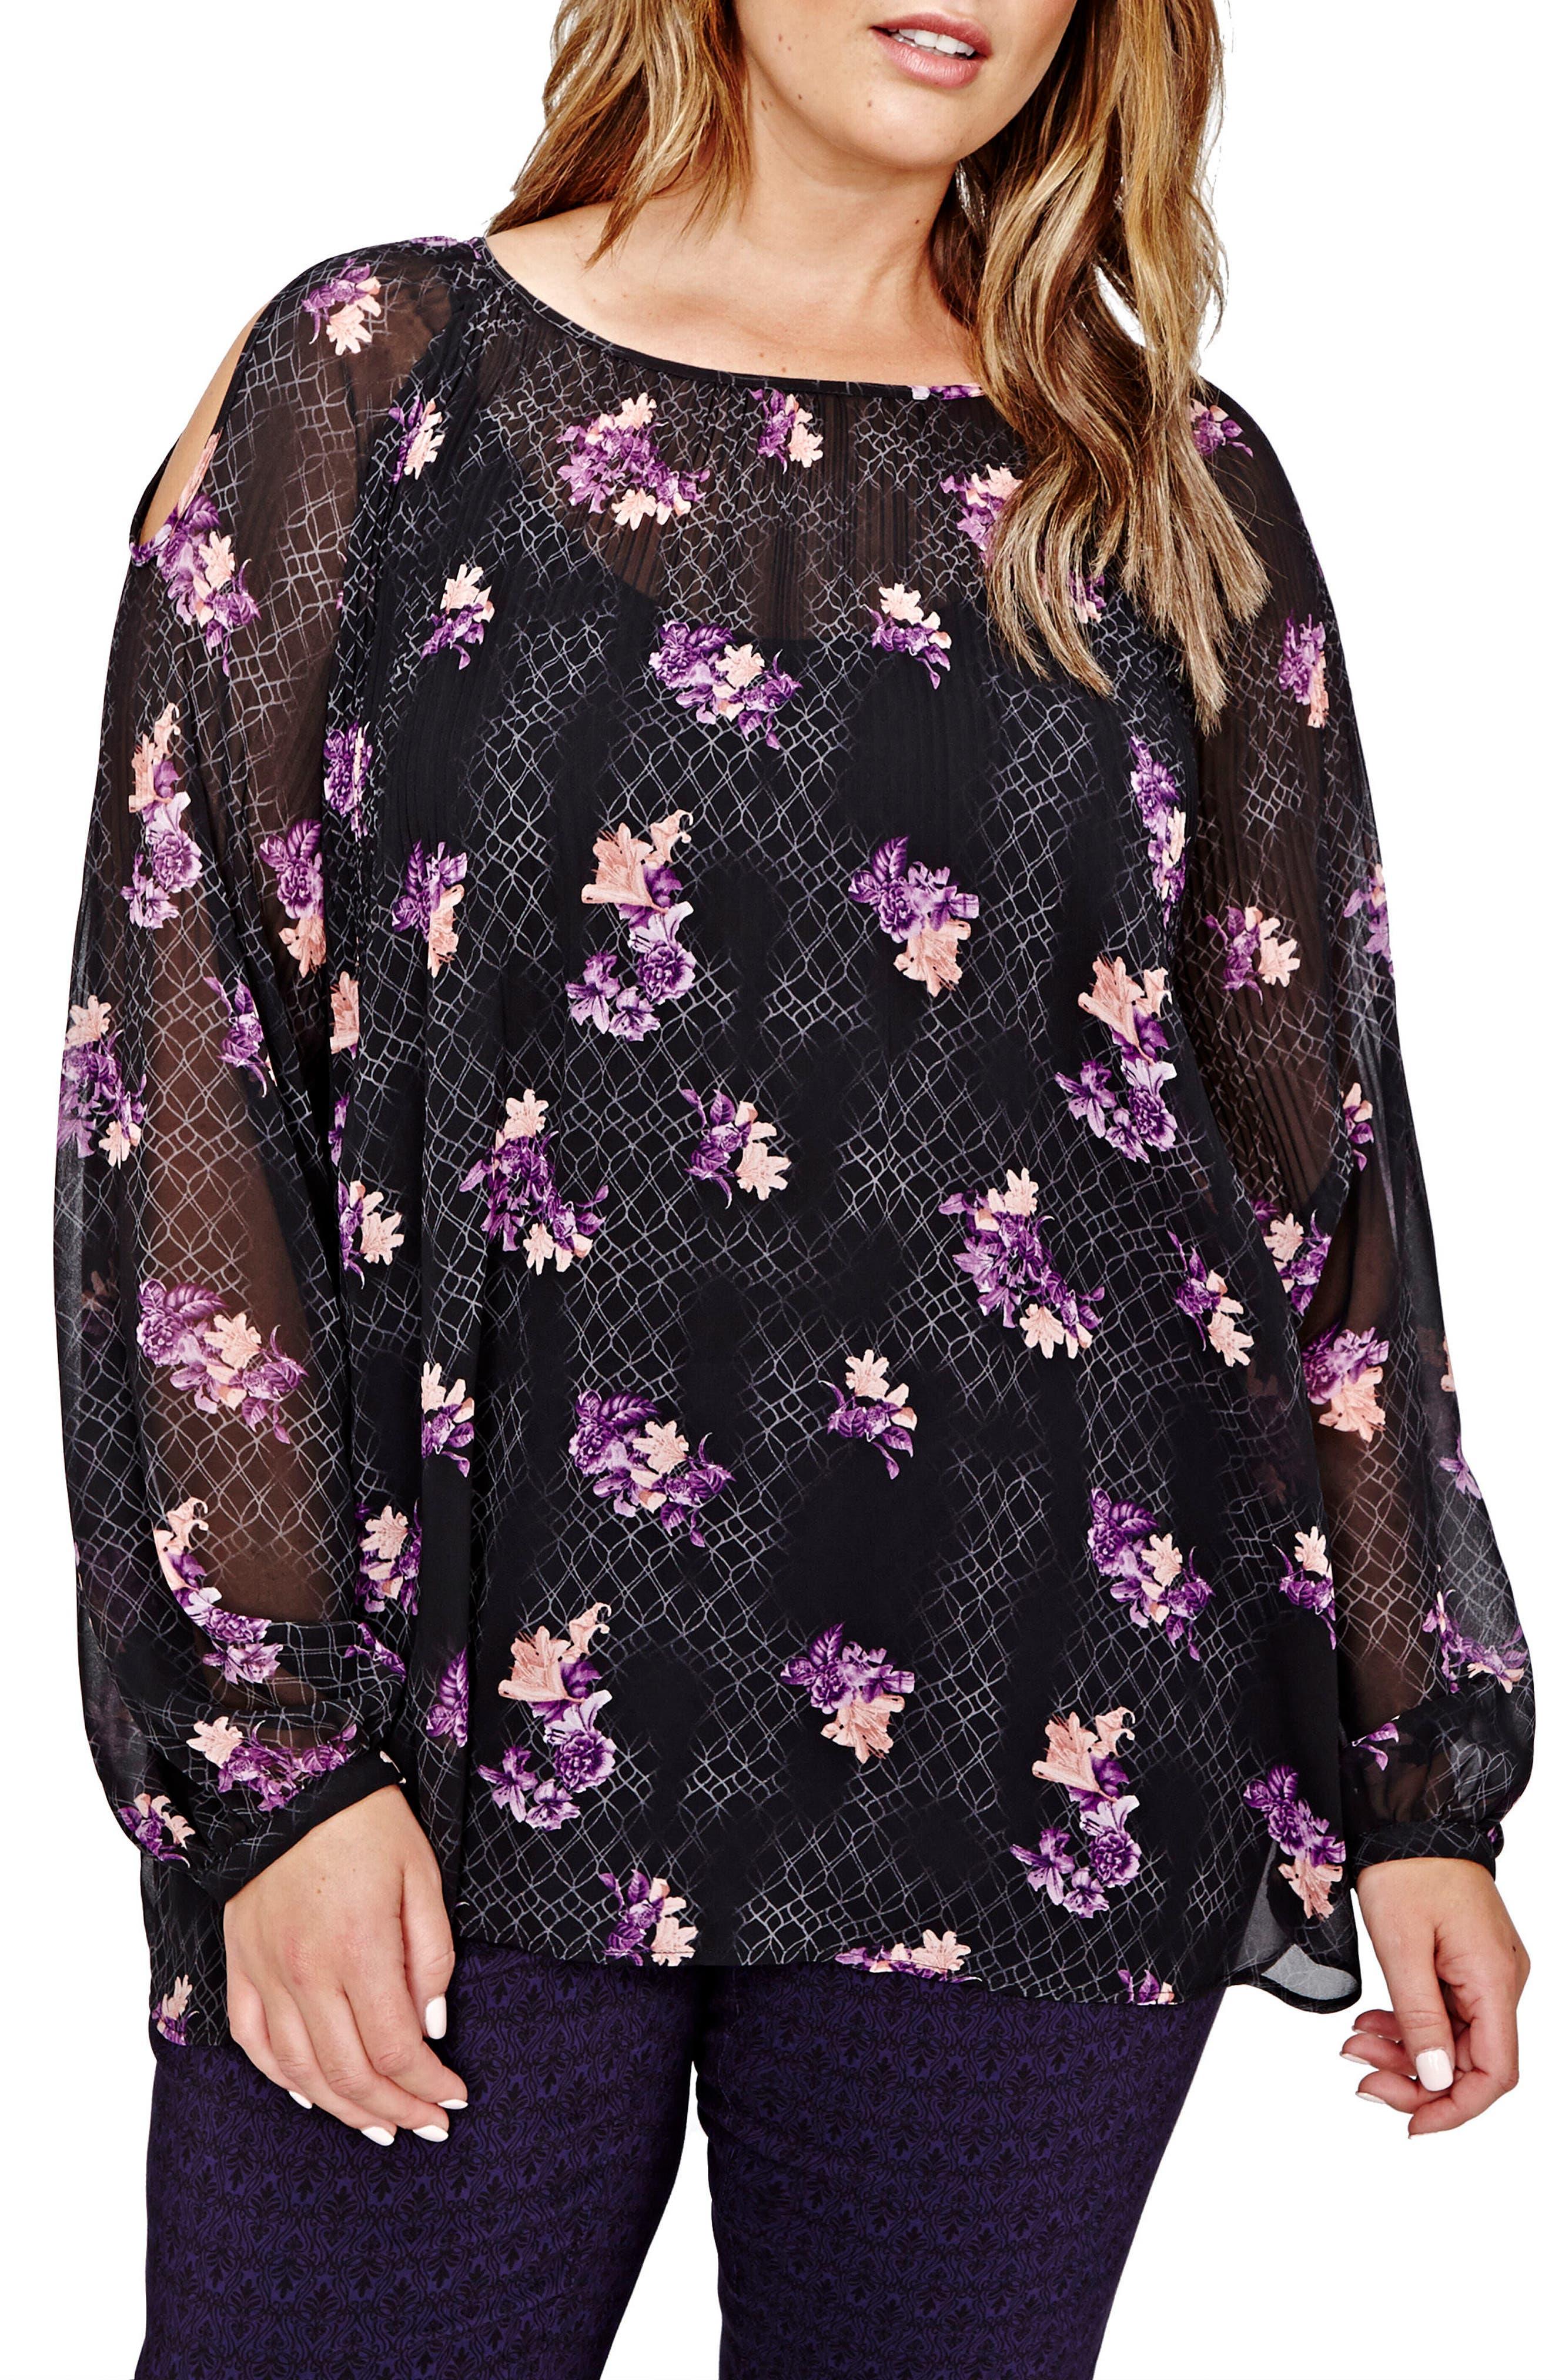 Main Image - MICHEL STUDIO Floral Print Cold Shoulder Top (Plus Size)